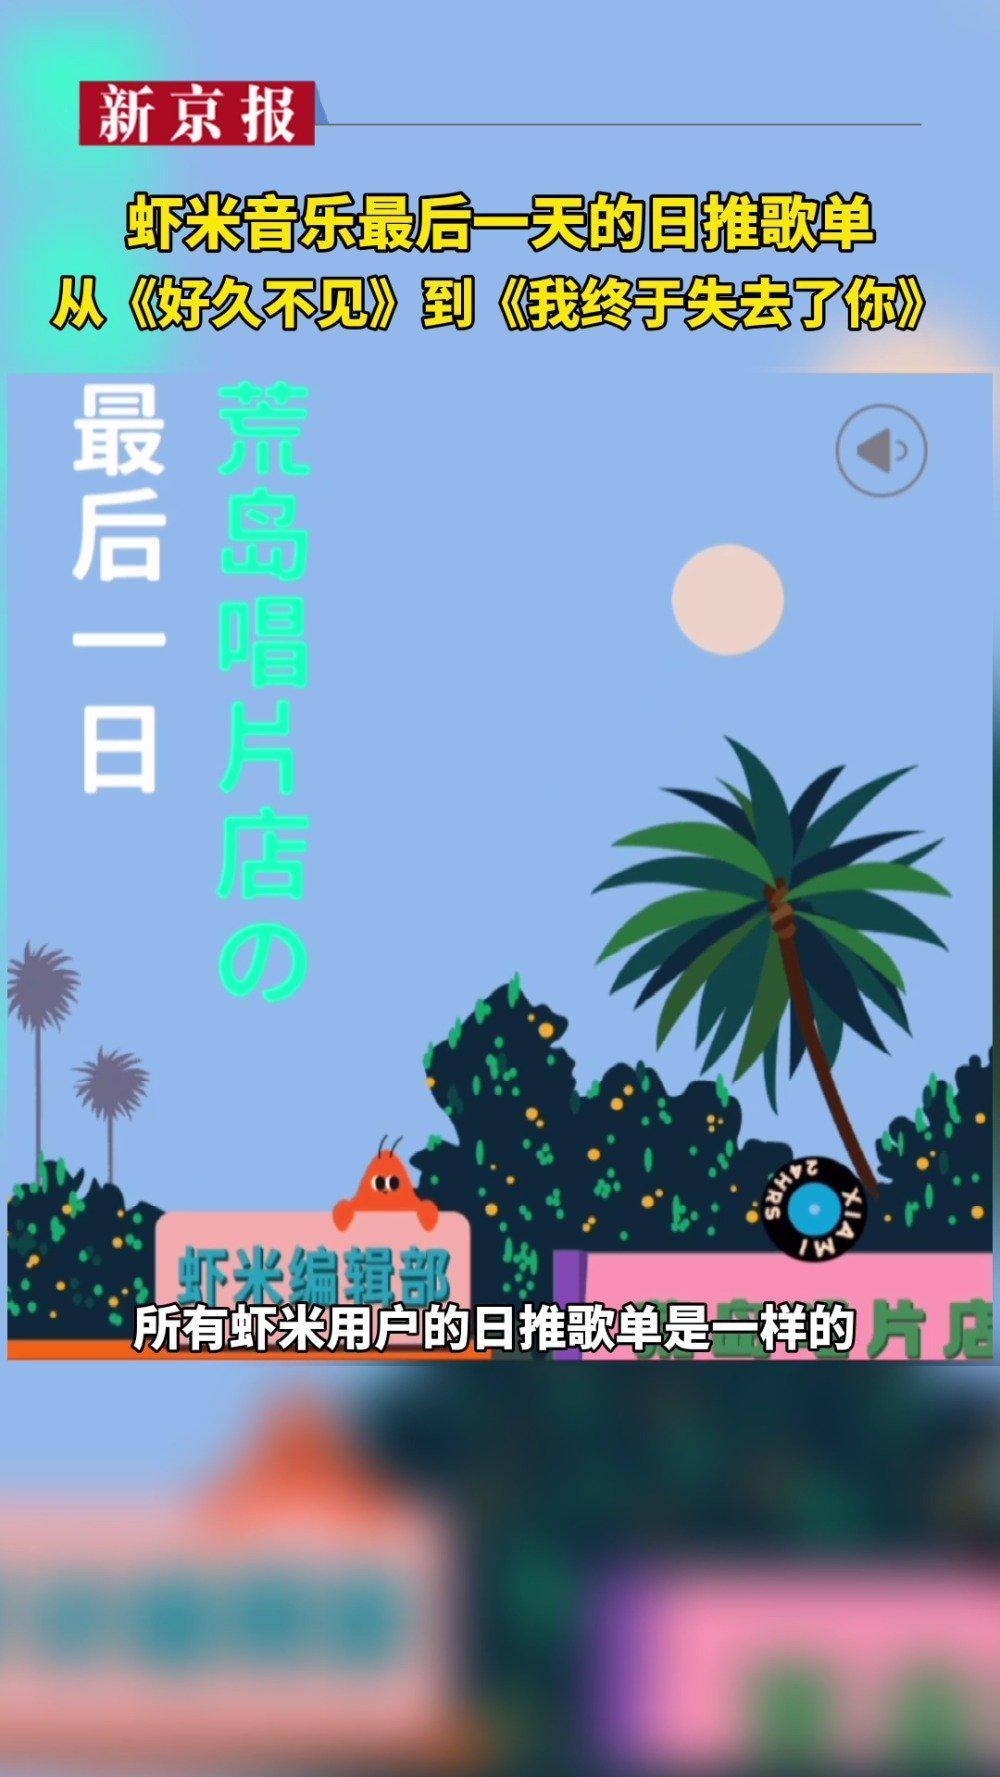 虾米音乐最后一天的日推歌单:从《好久不见》到《我终于失去了你》